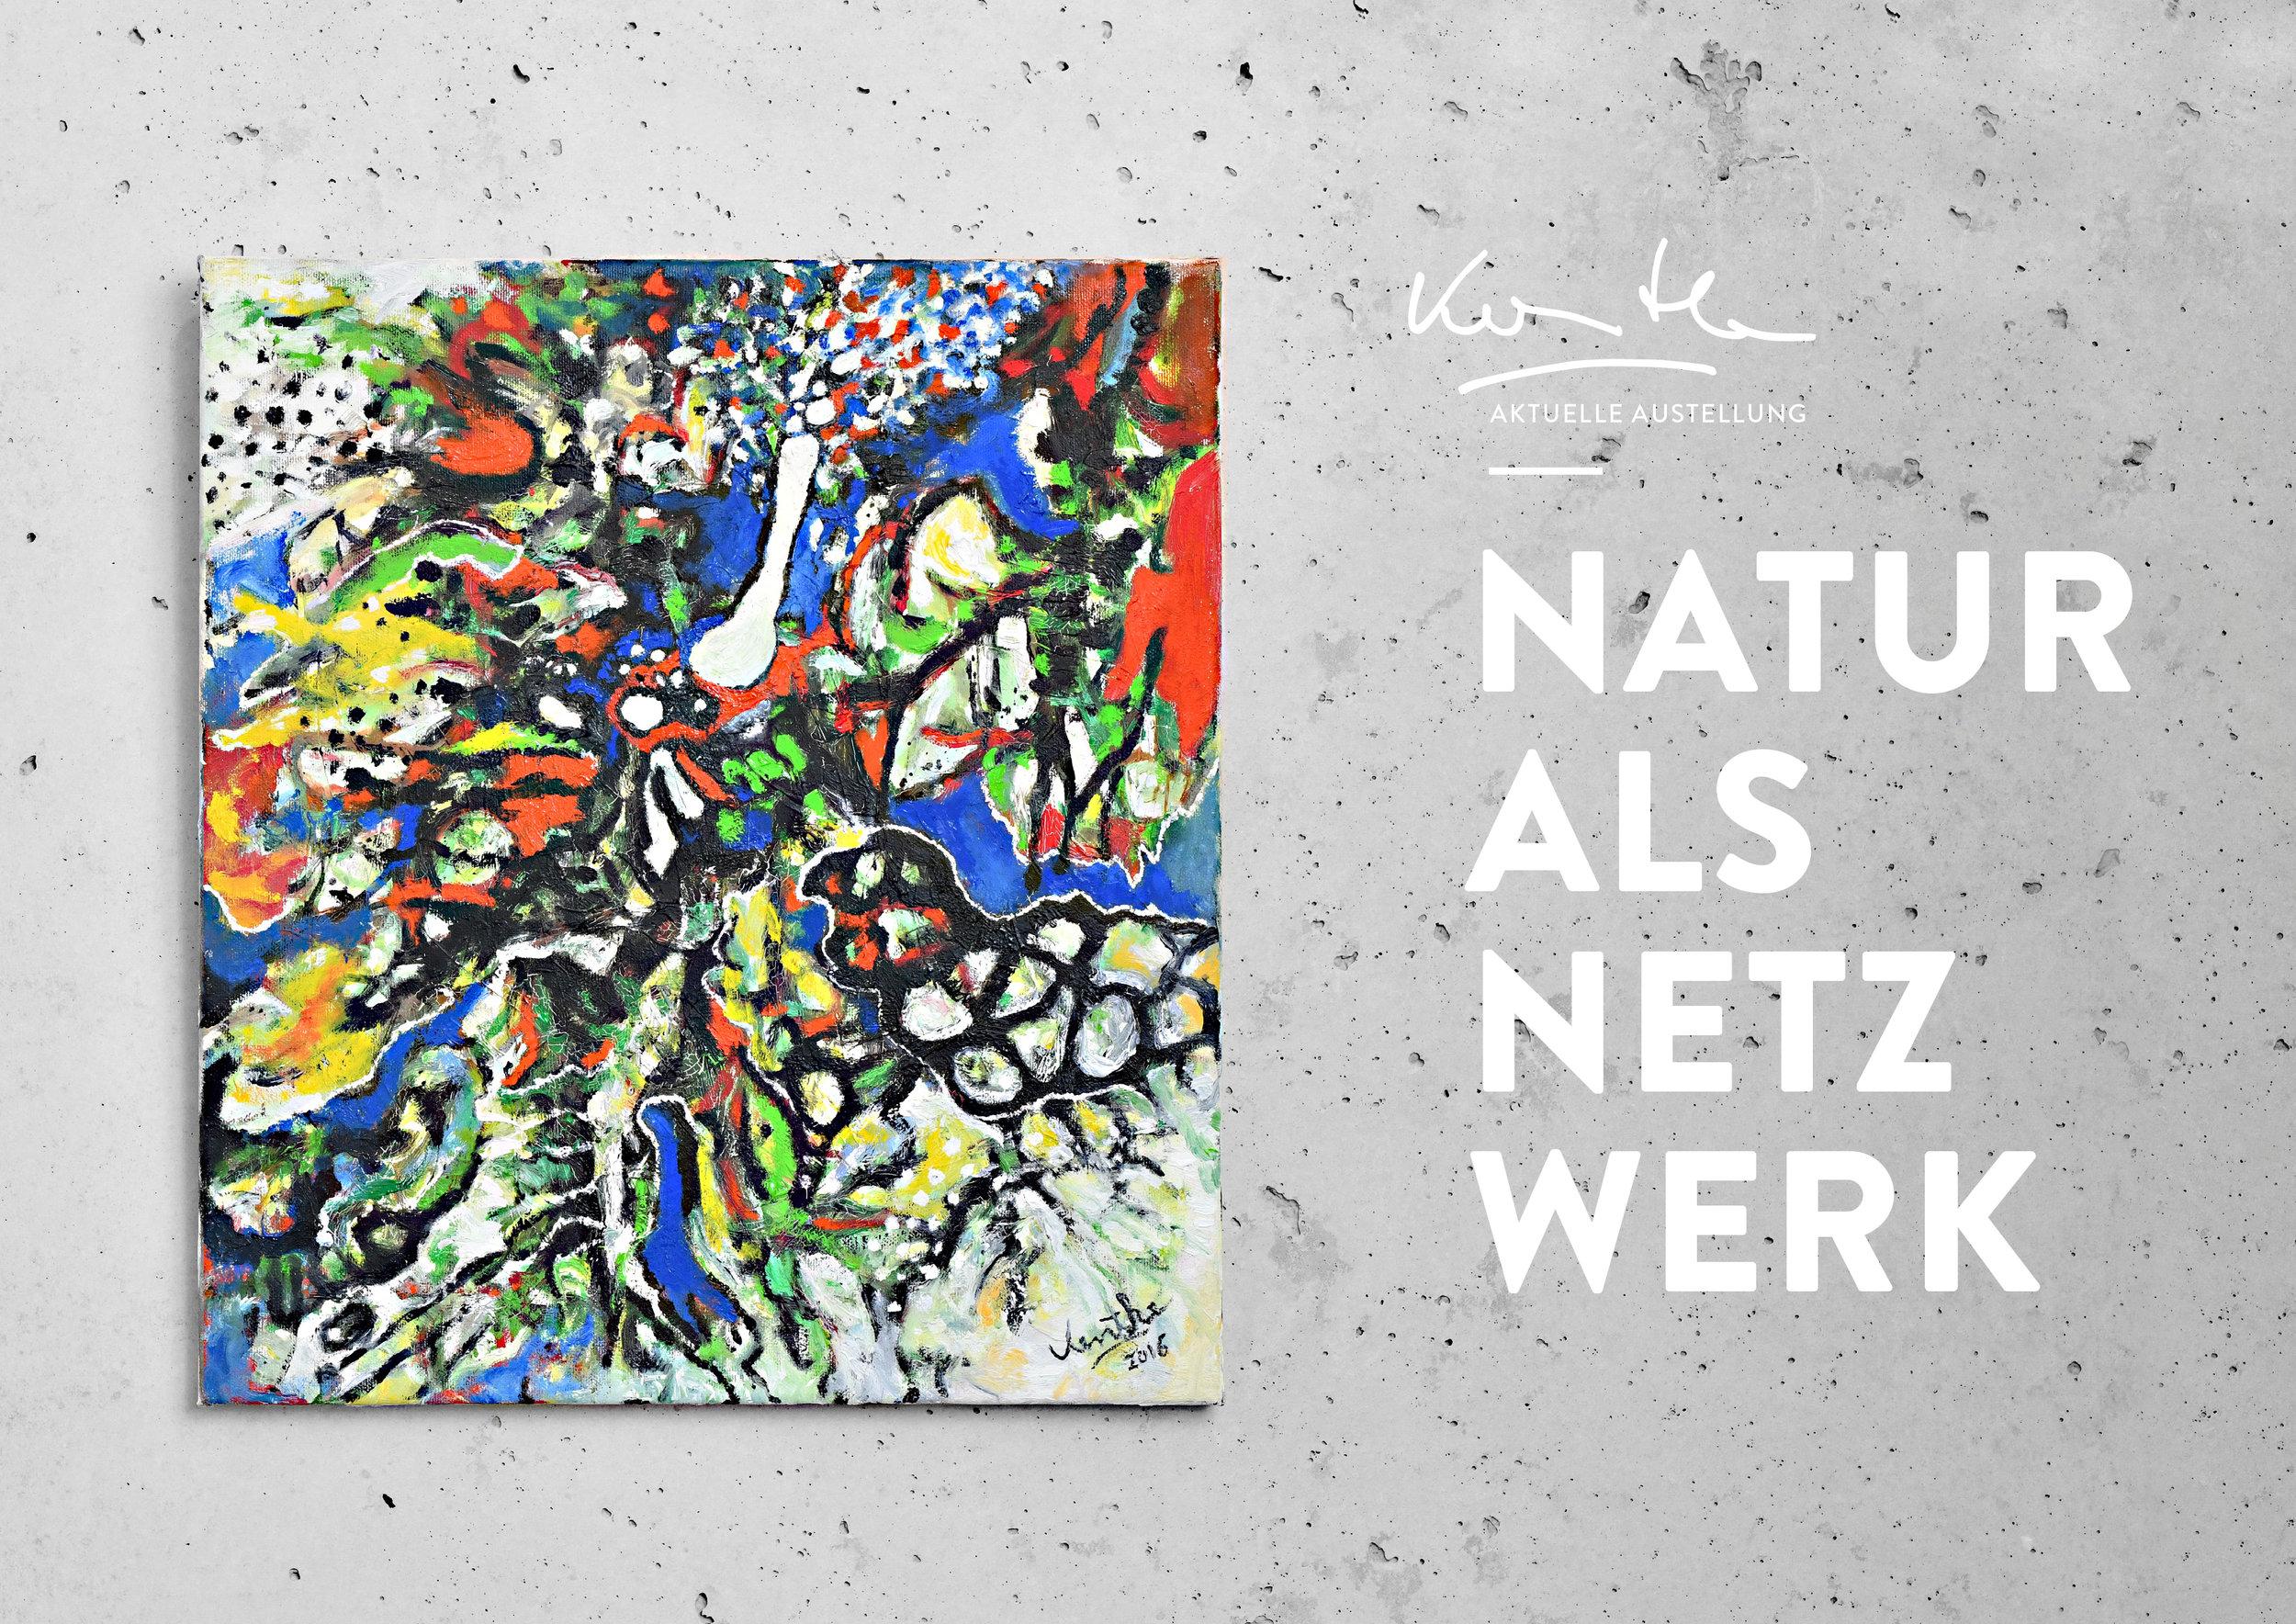 Martin_Kerntke_Natur_als_Netzwerk.jpg